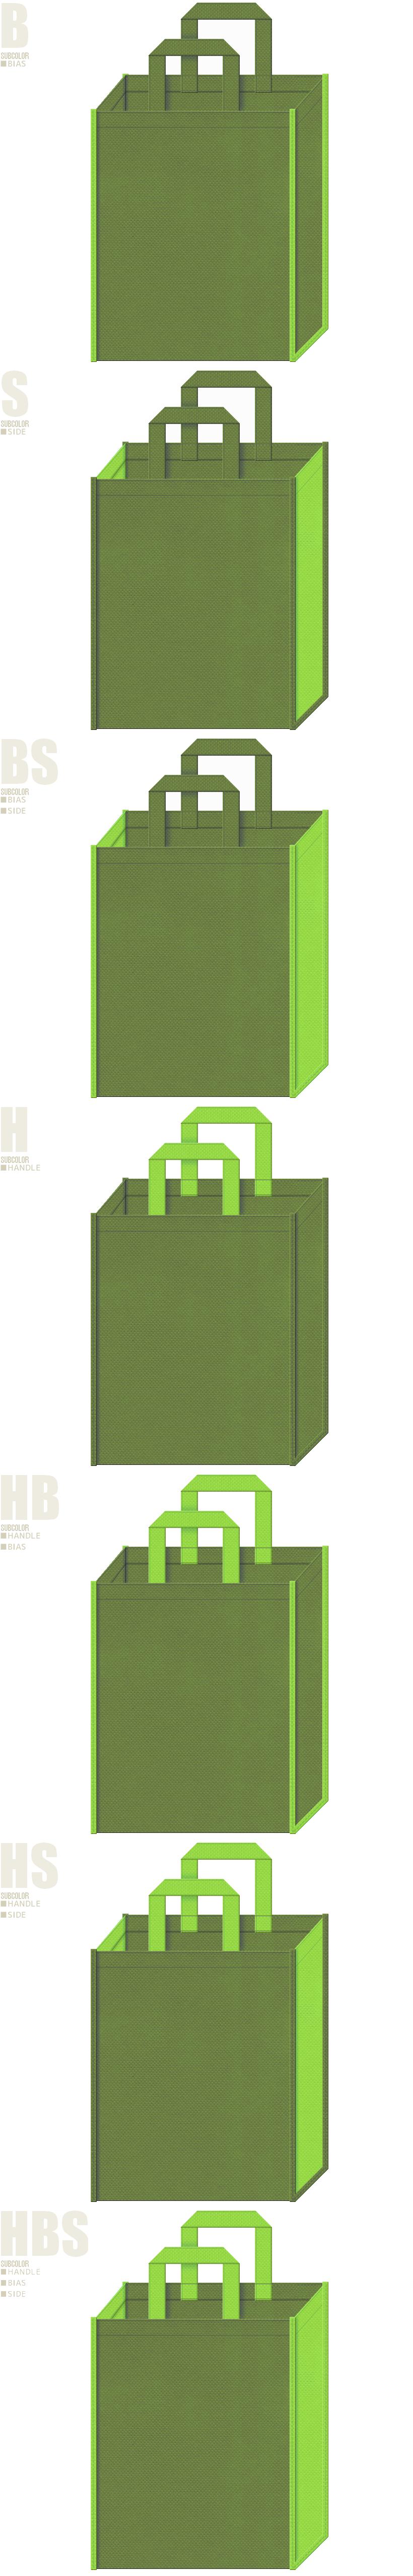 草色と黄緑色、7パターンの不織布トートバッグ配色デザイン例。日本茶・庭木・盆栽イベントのバッグノベルティ、造園用品の展示会用バッグにお奨めです。